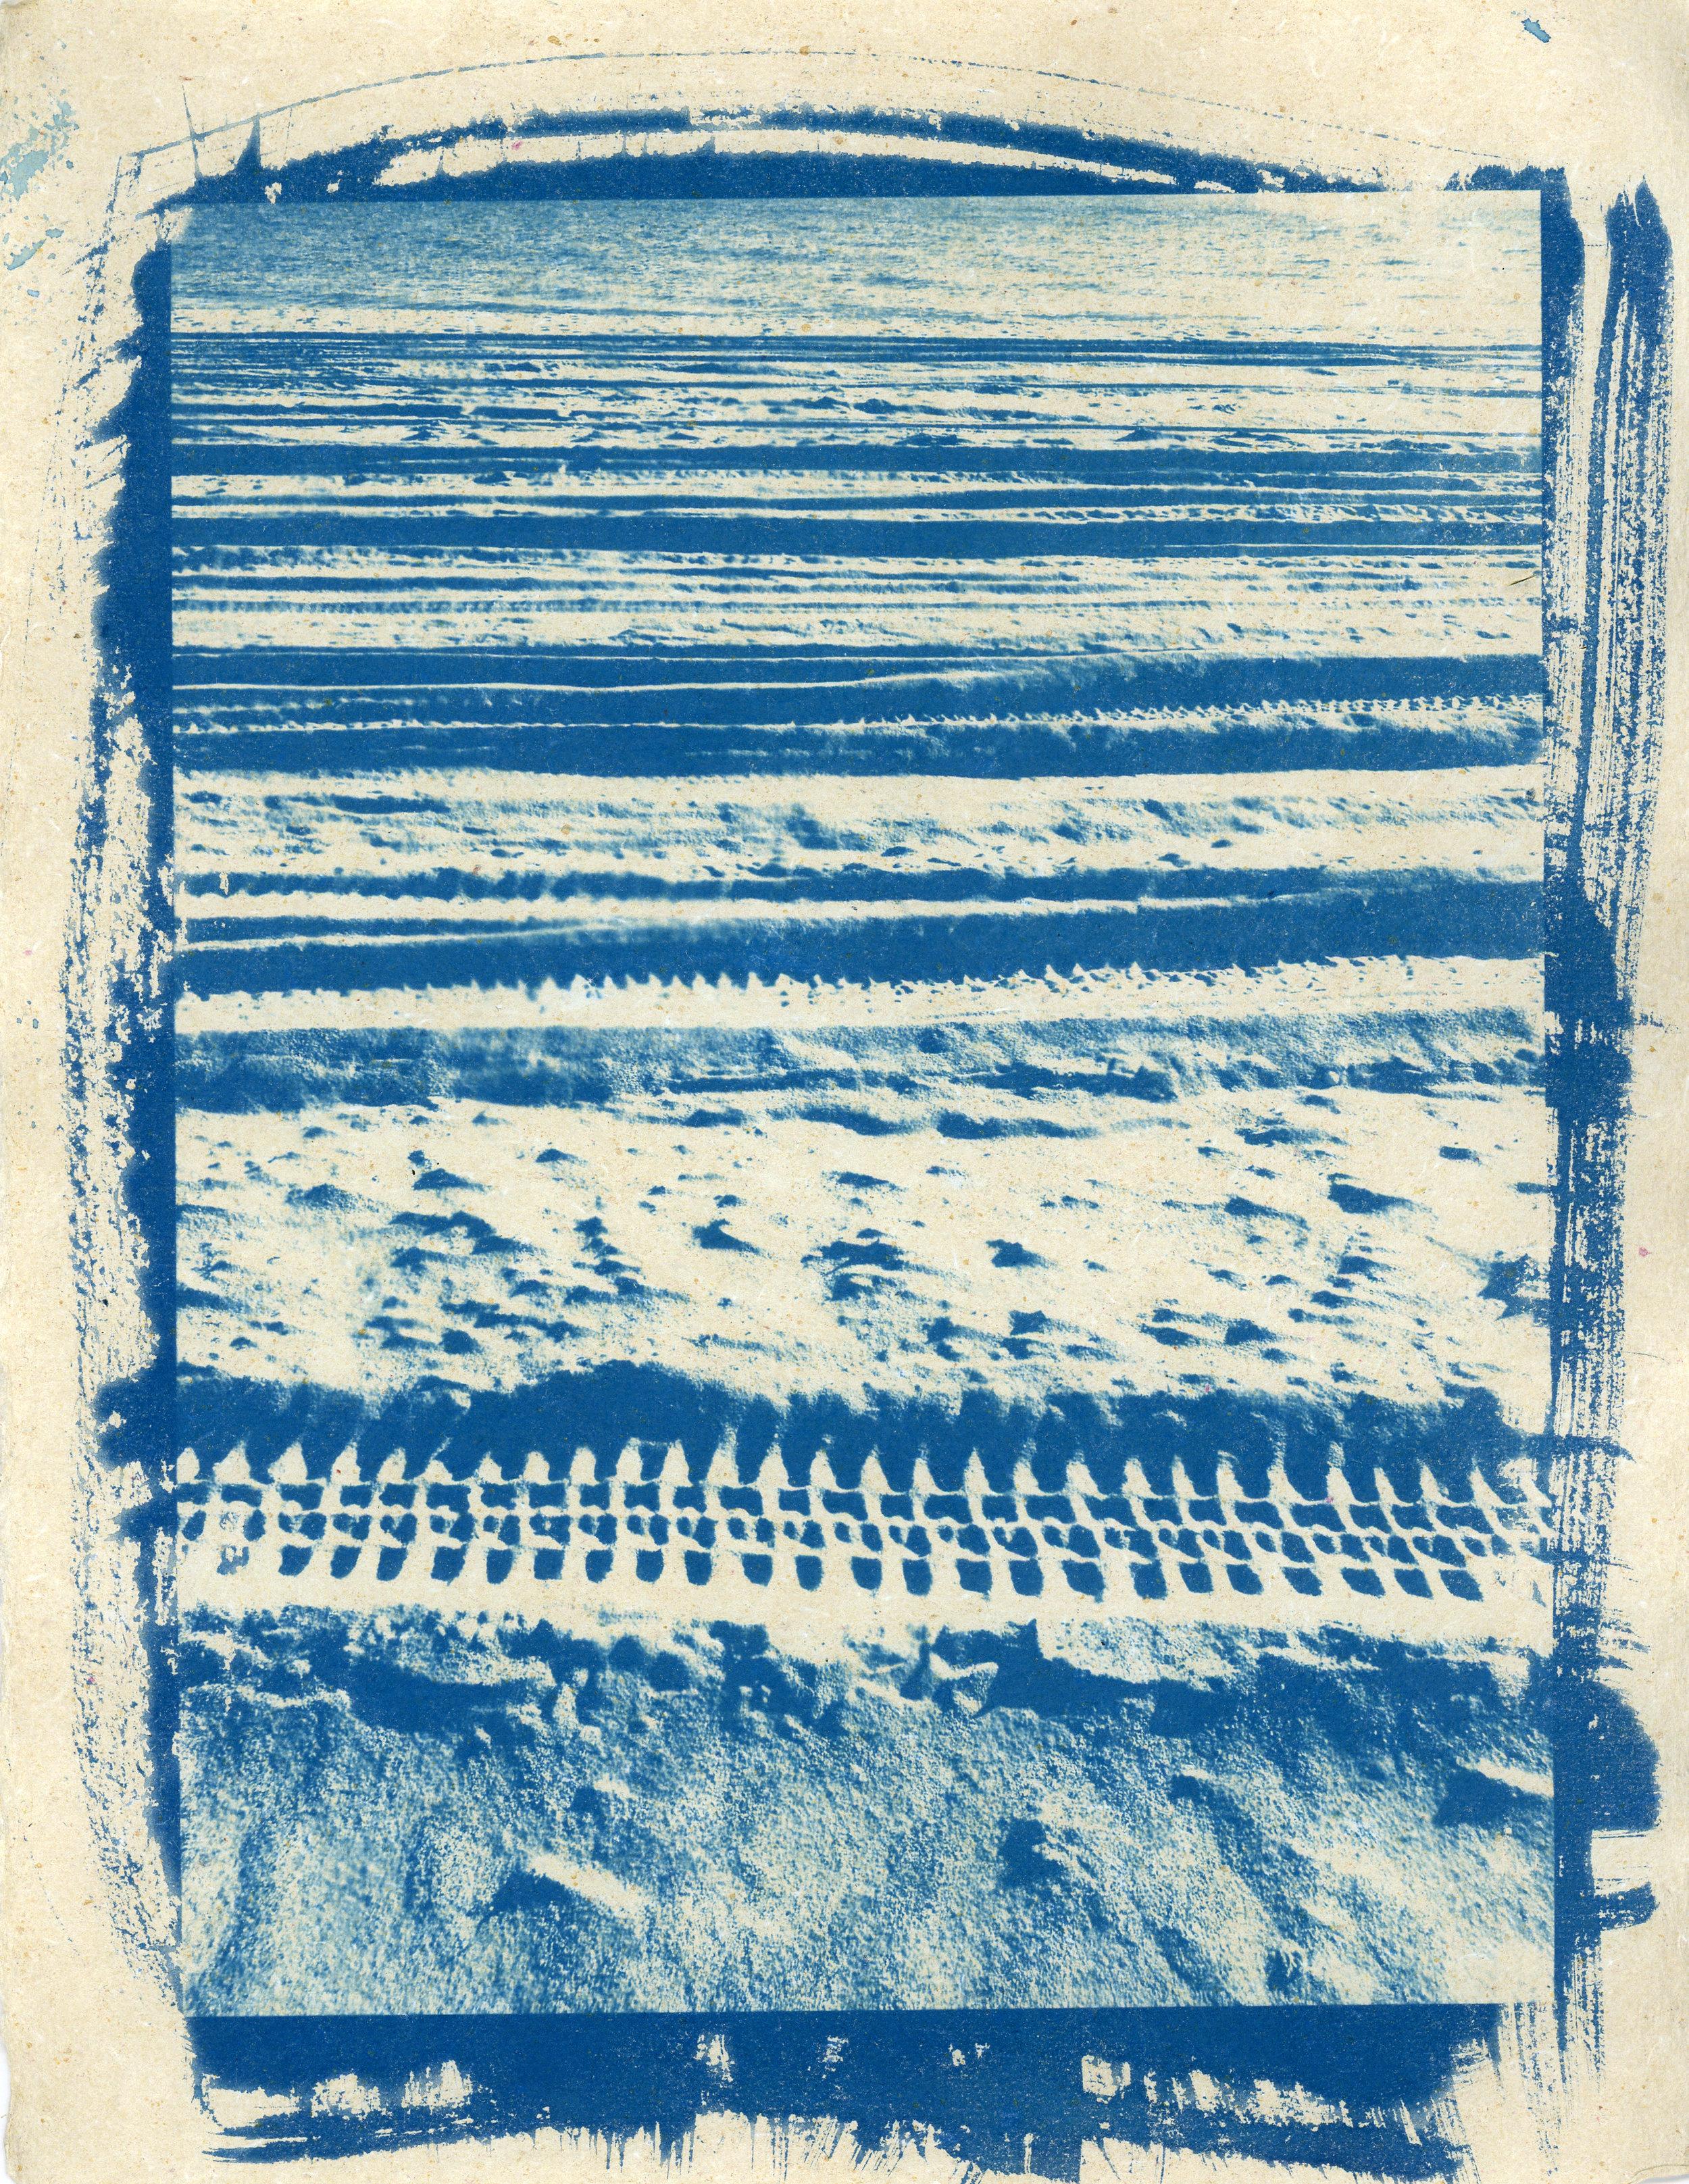 cyanotype008.jpg